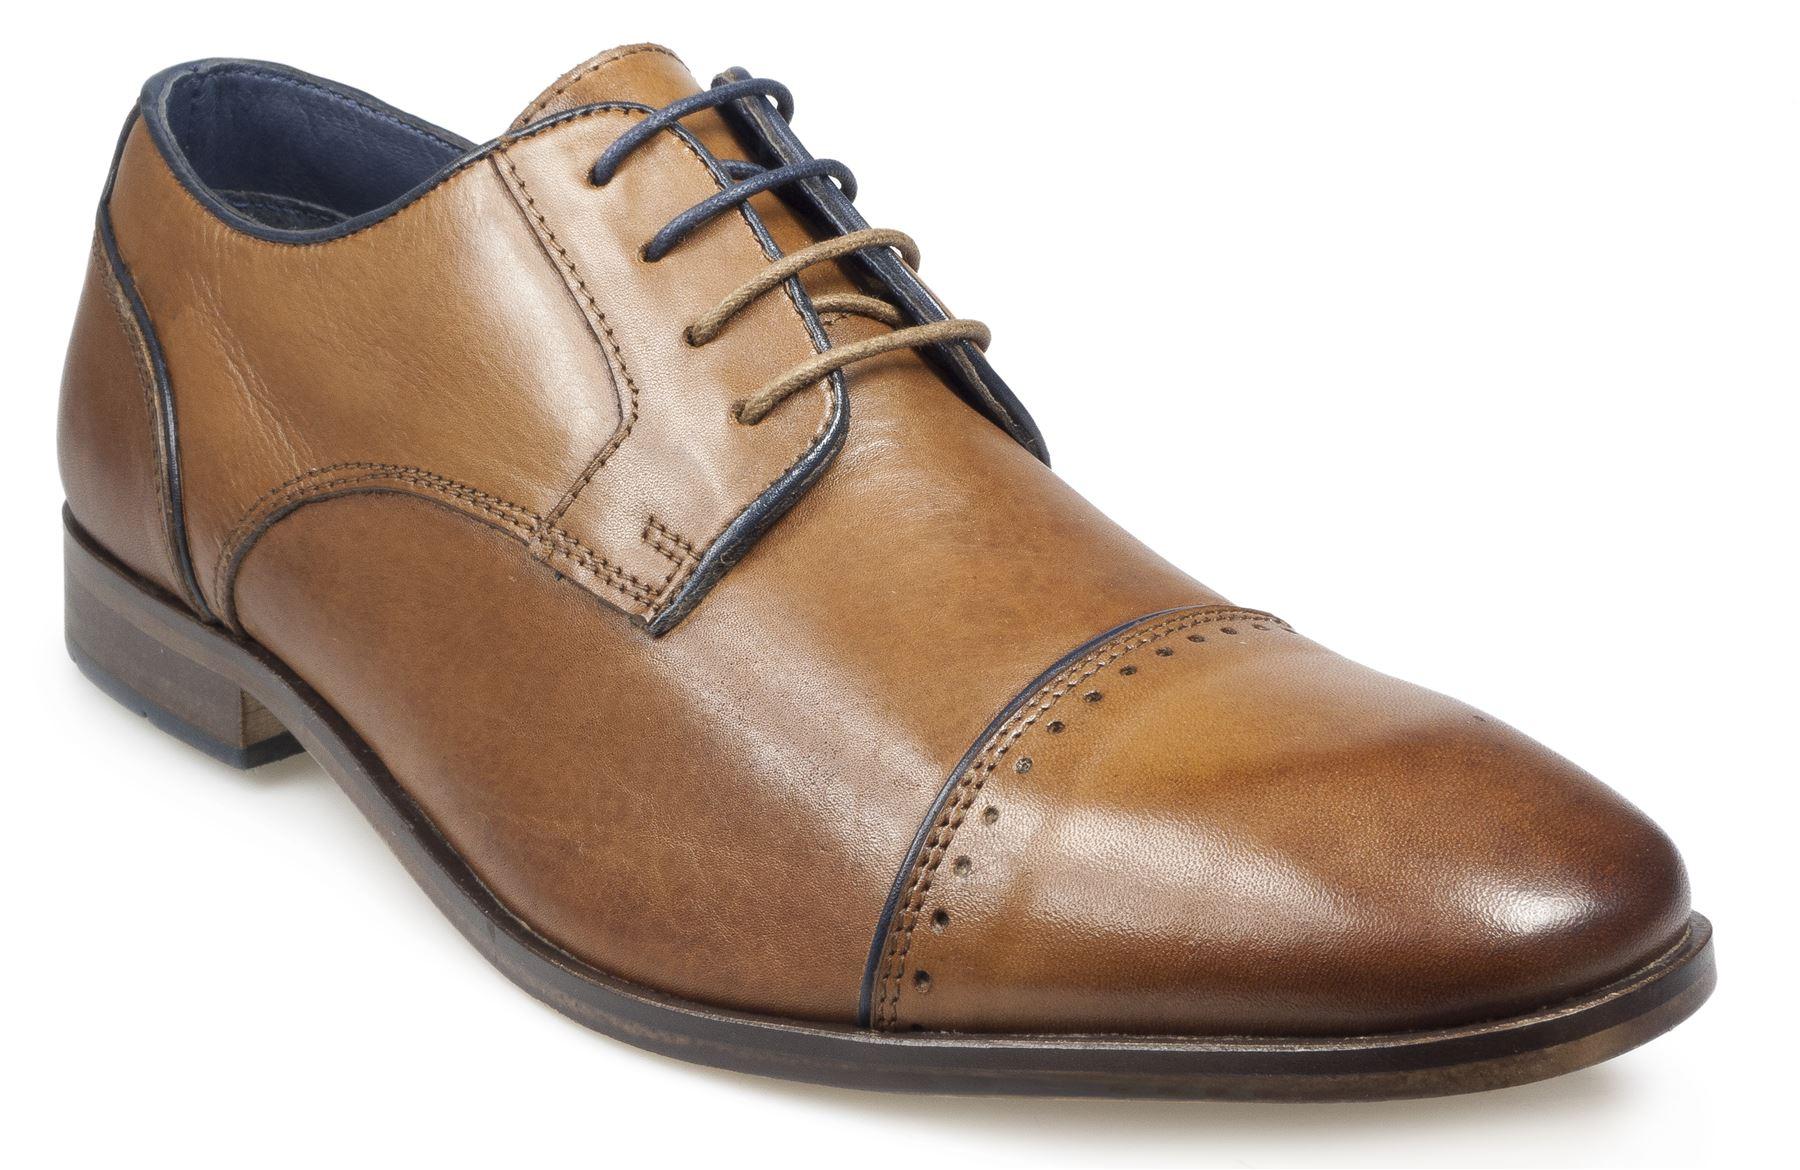 Pod Mens Lace up shoe (Regus) in Cognac